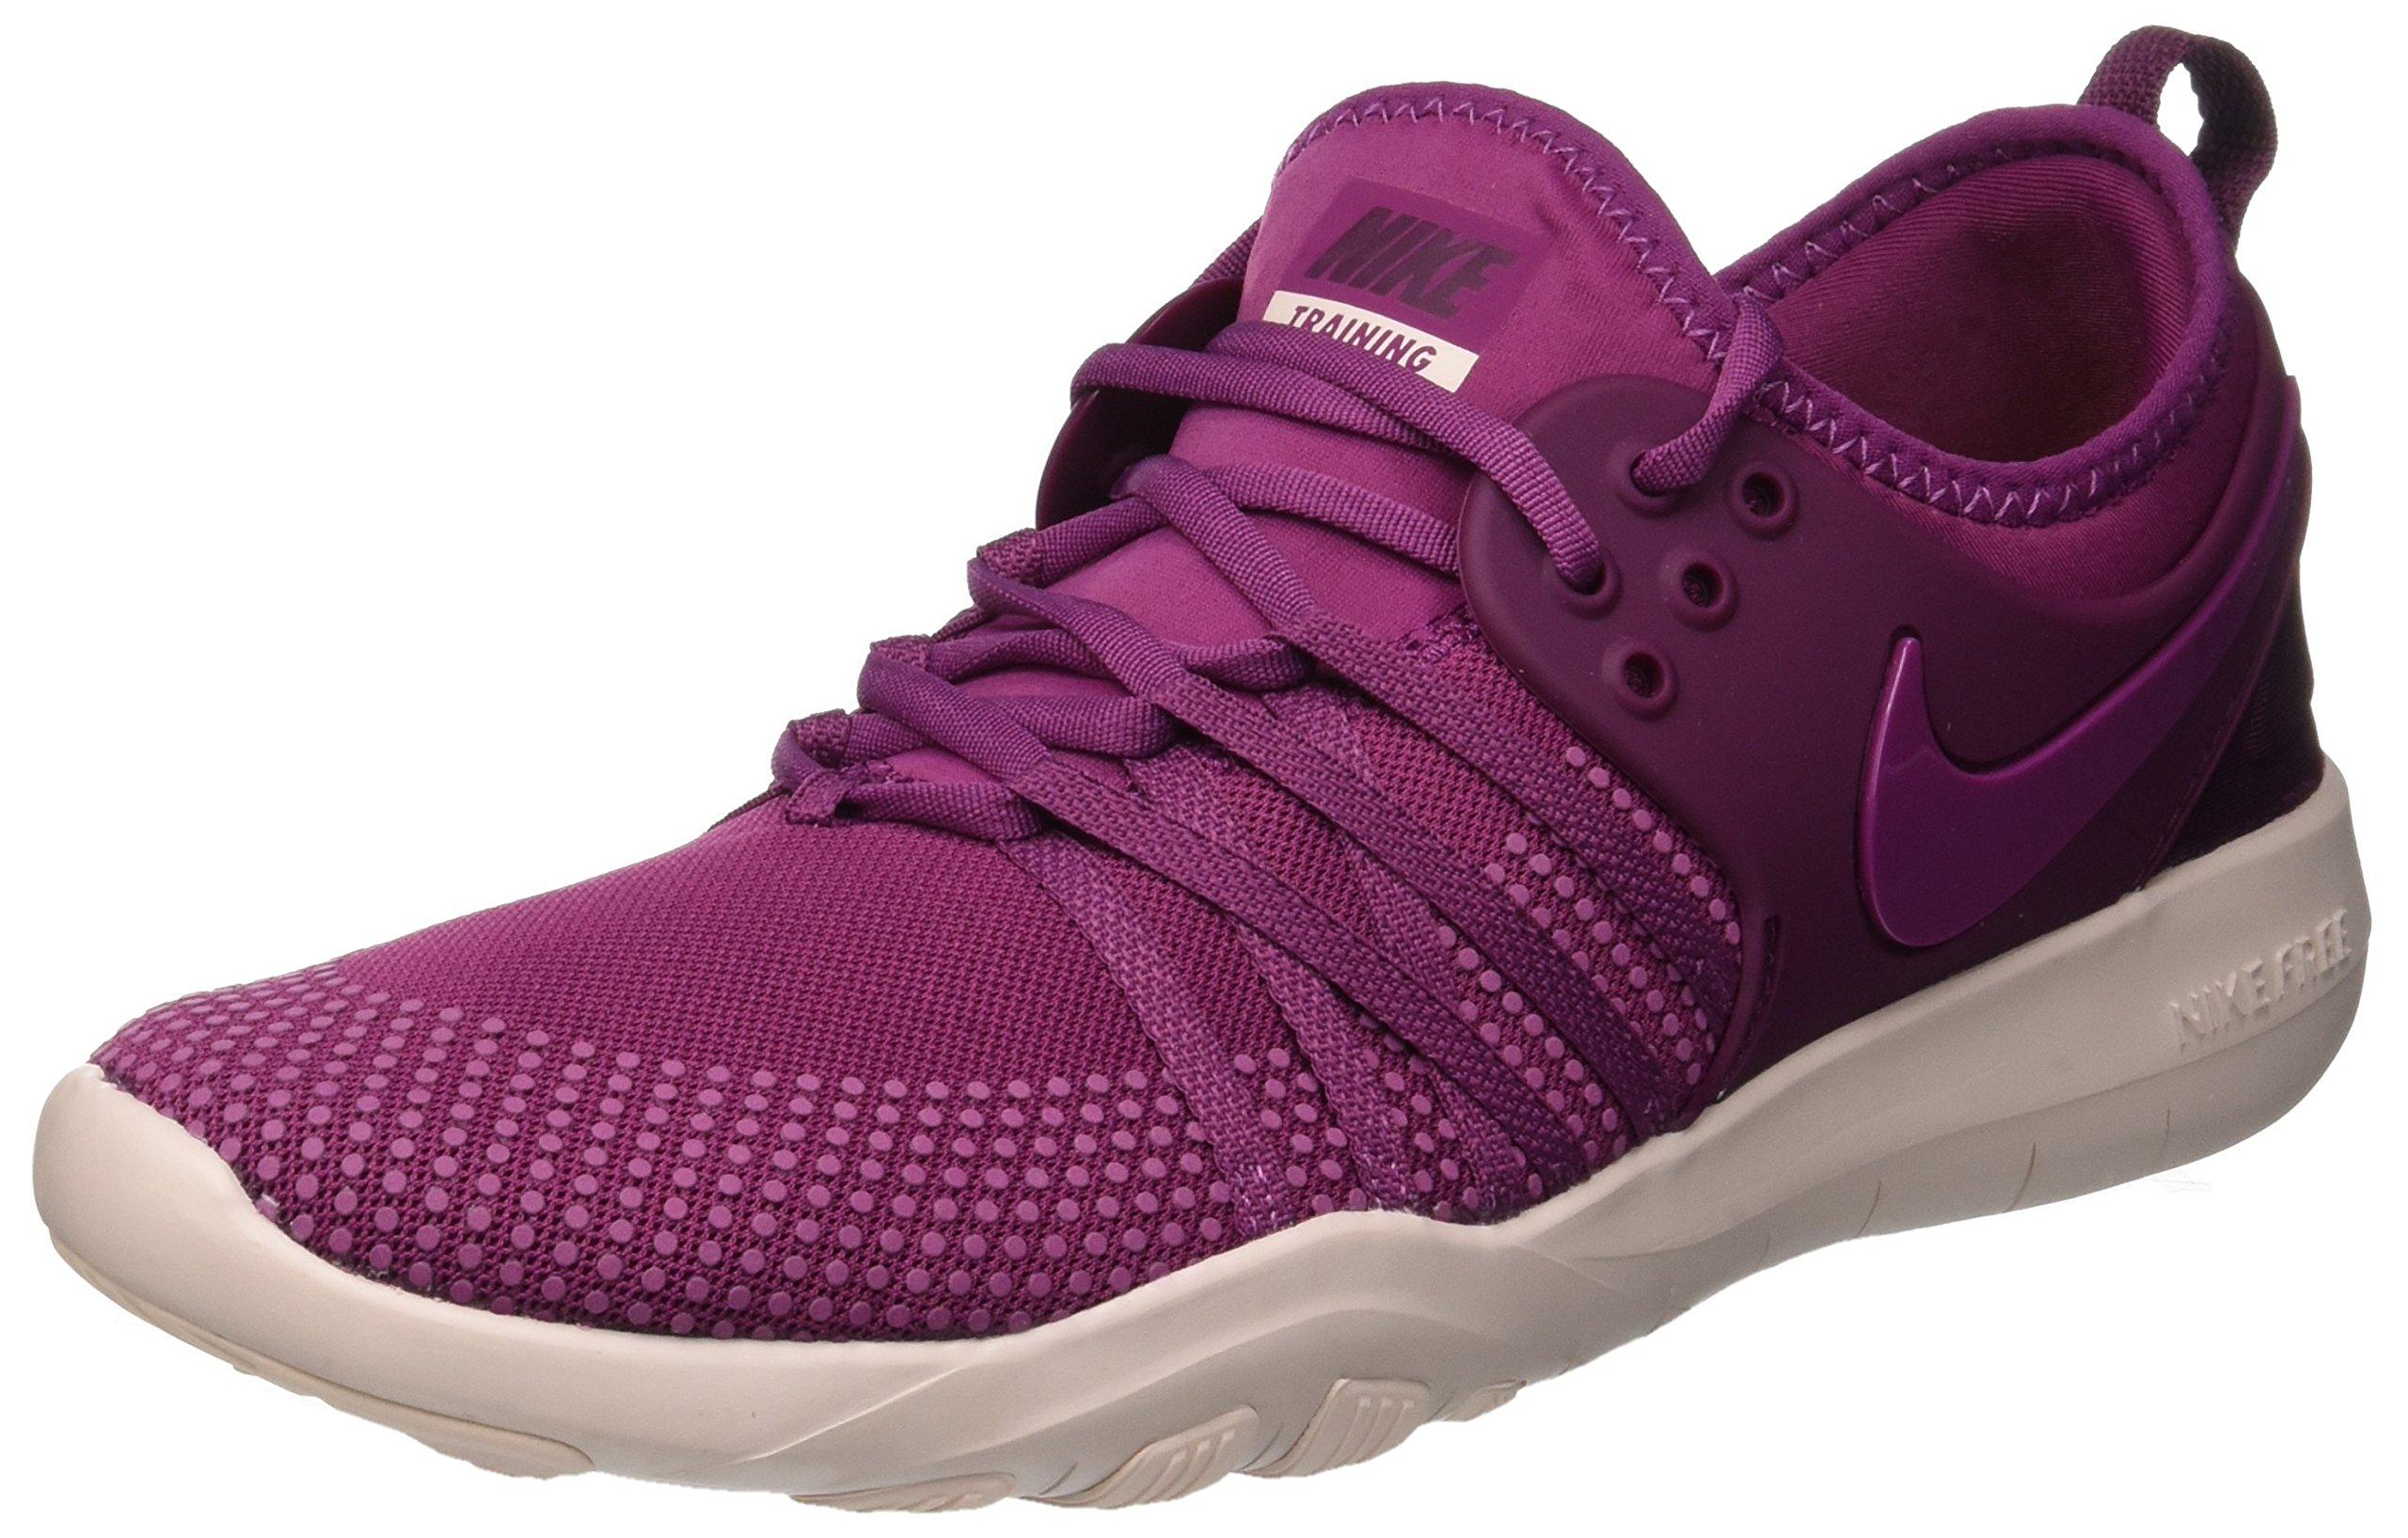 meilleur pas cher 461b6 244f2 Nike Women's WMNS Air Max Thea Lx, Pink (Tea Berry/Siltstone Red/Bordeaux  603), 10 M US